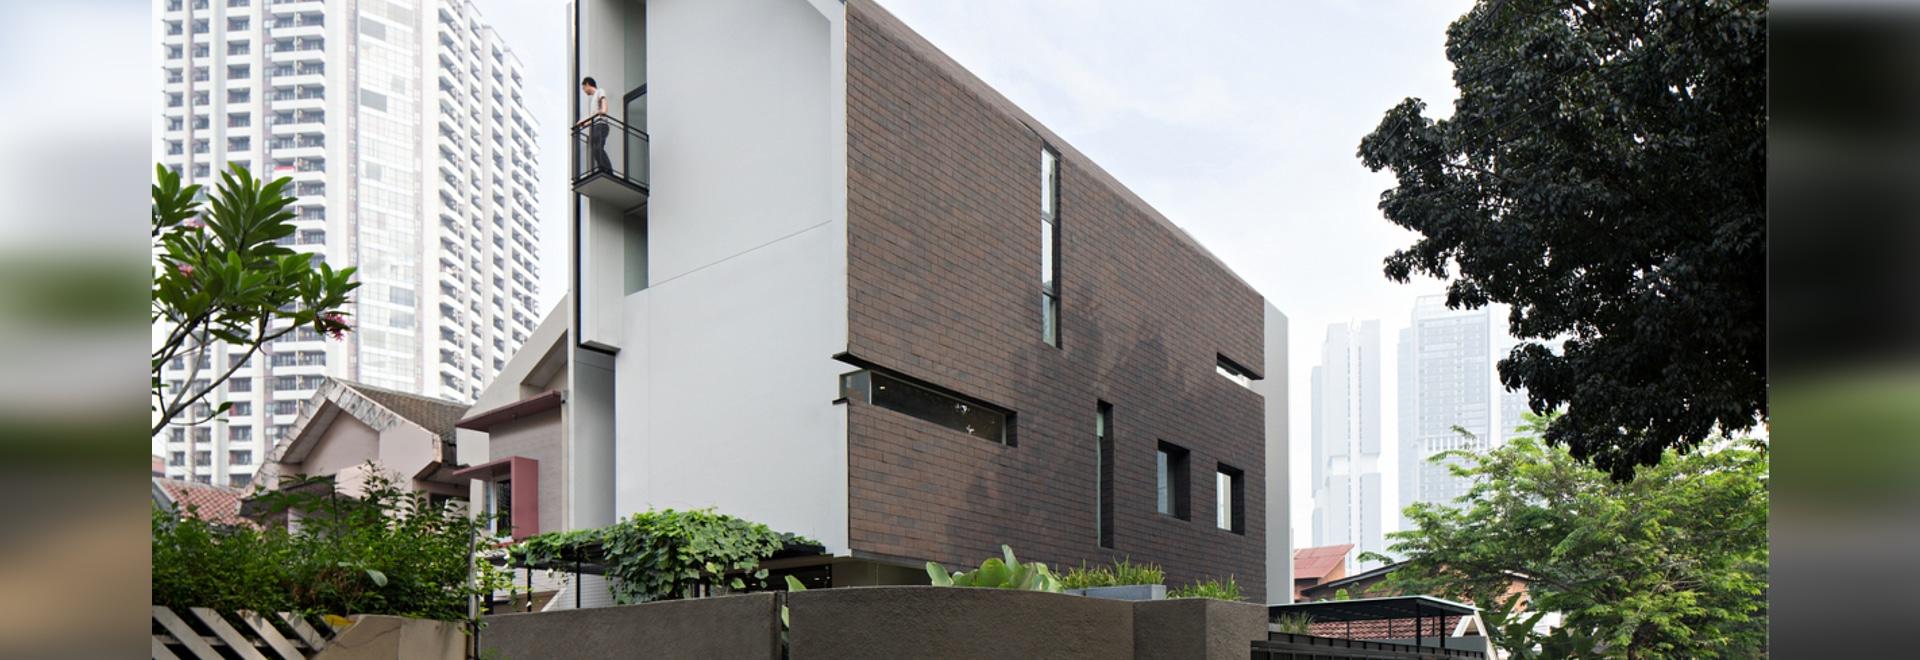 Architetti della Camera/HMP di EV